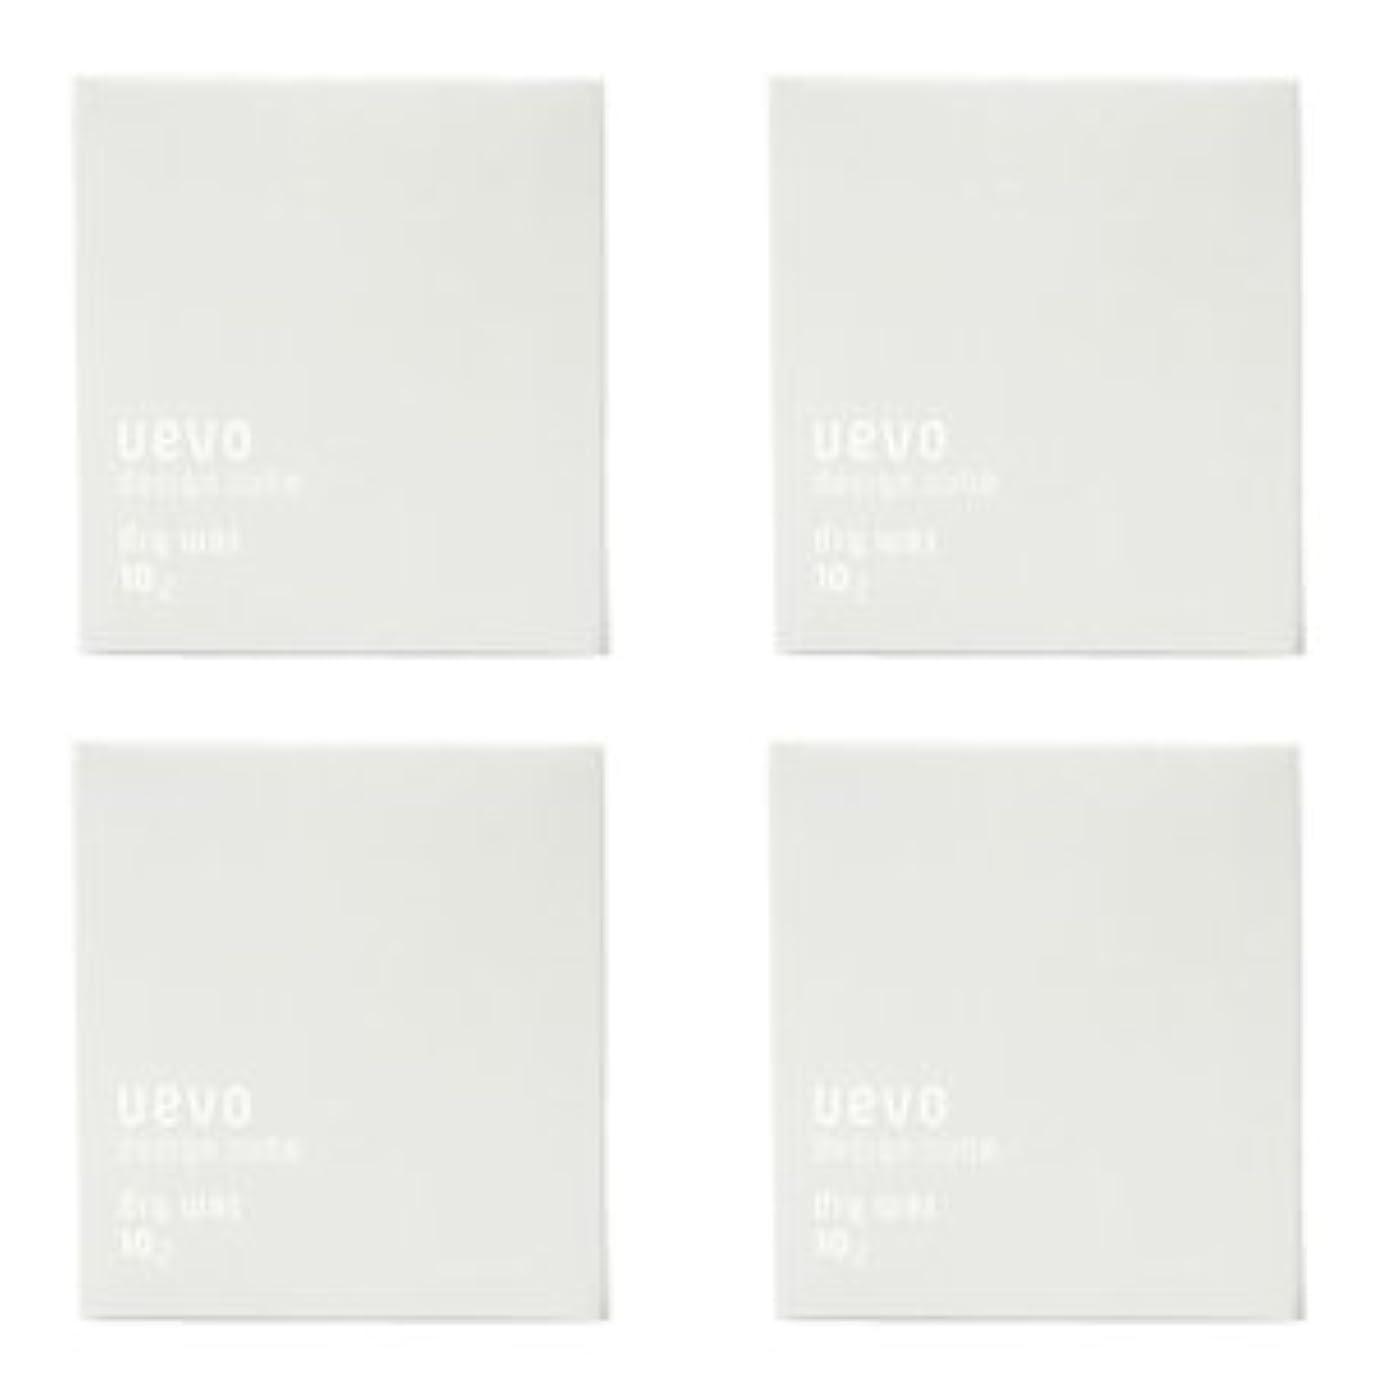 洗うリマーク慣習【X4個セット】 デミ ウェーボ デザインキューブ ドライワックス 80g dry wax